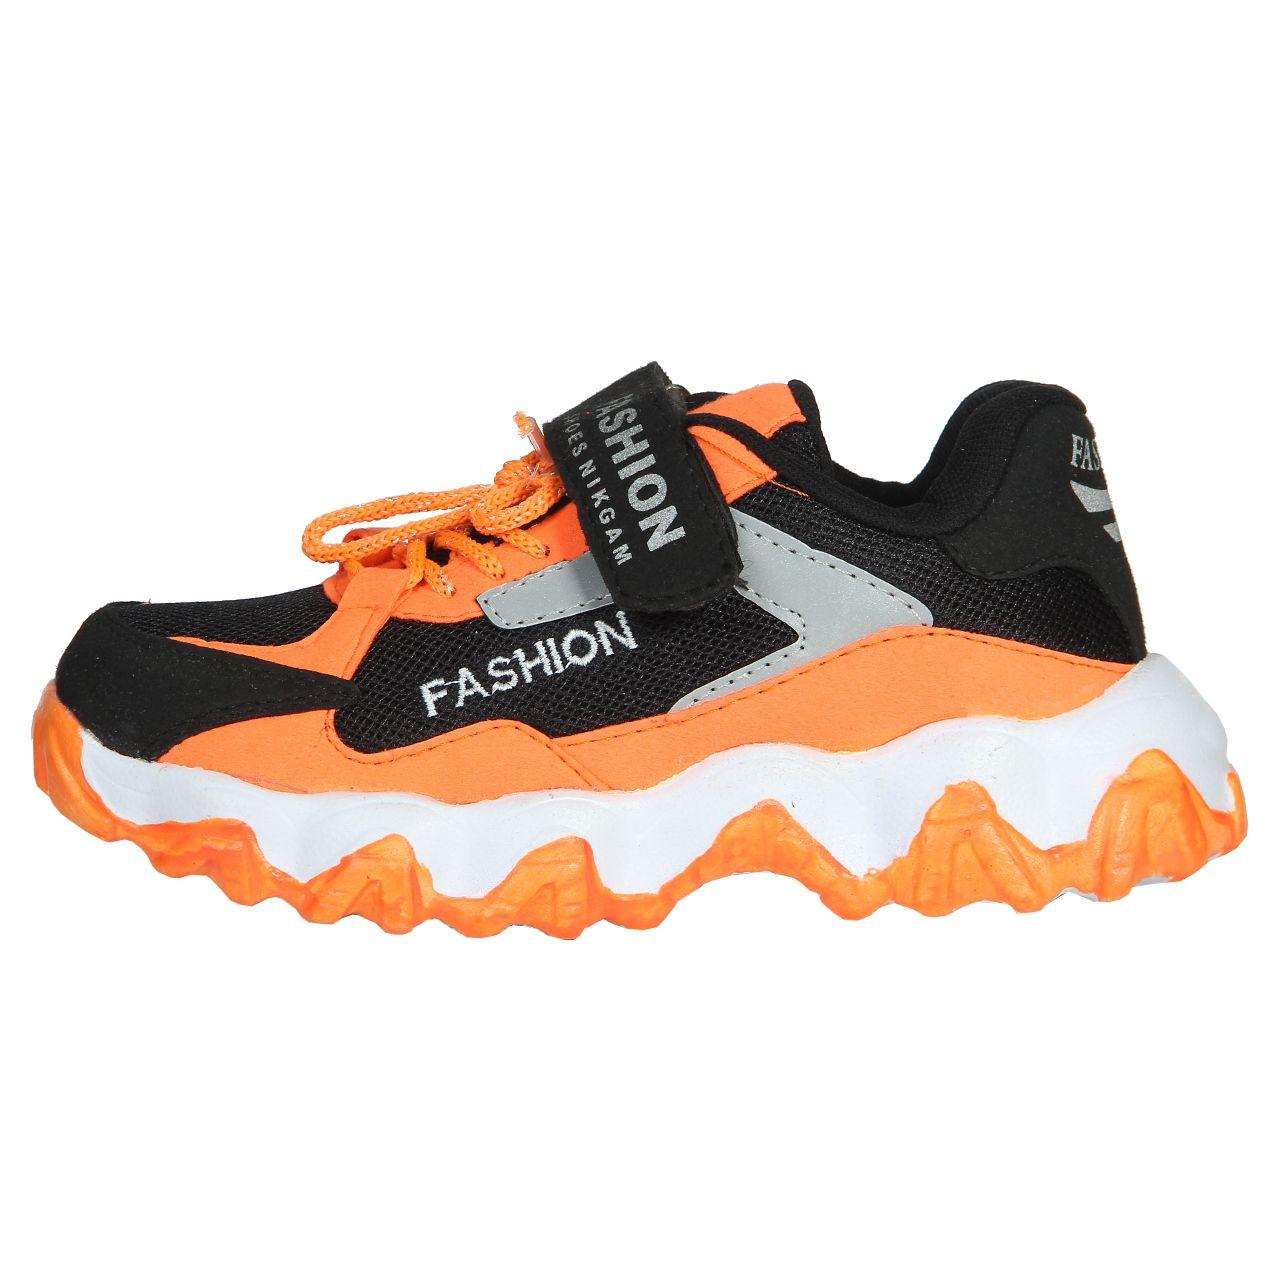 کفش پیاده روی بچگانه کد 202 -  - 5